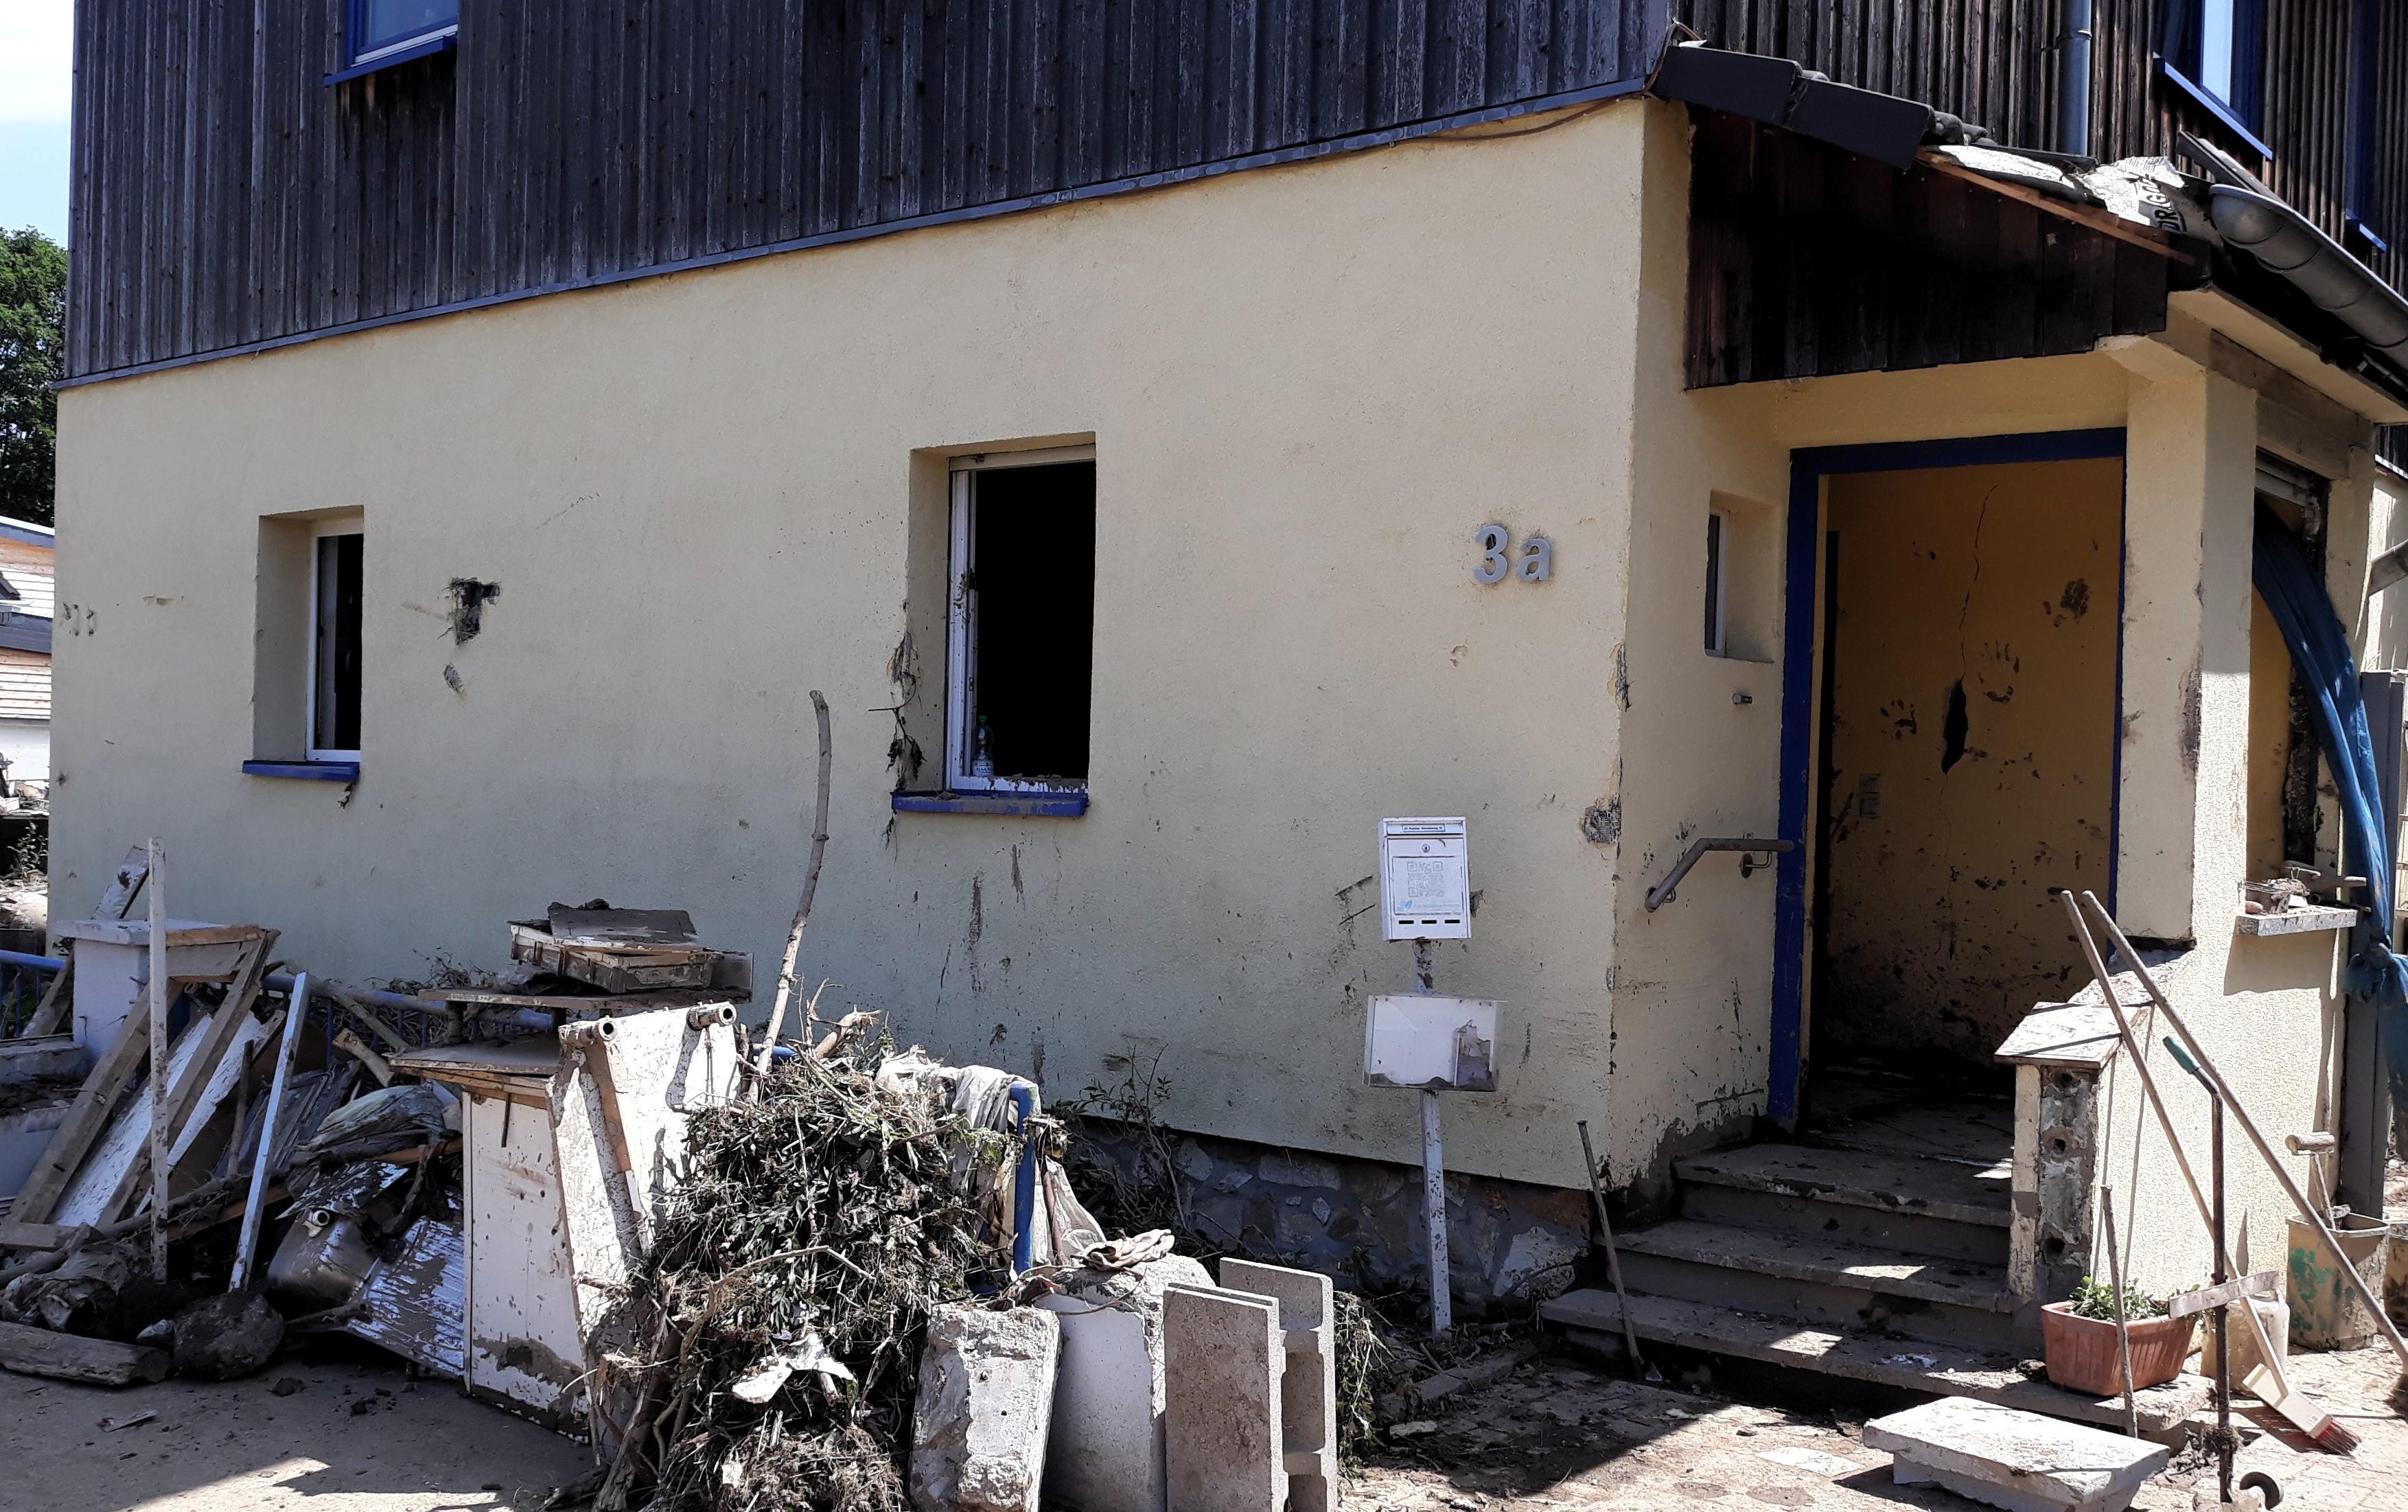 Flutkatastrophe Ahrtal überflutetes Haus